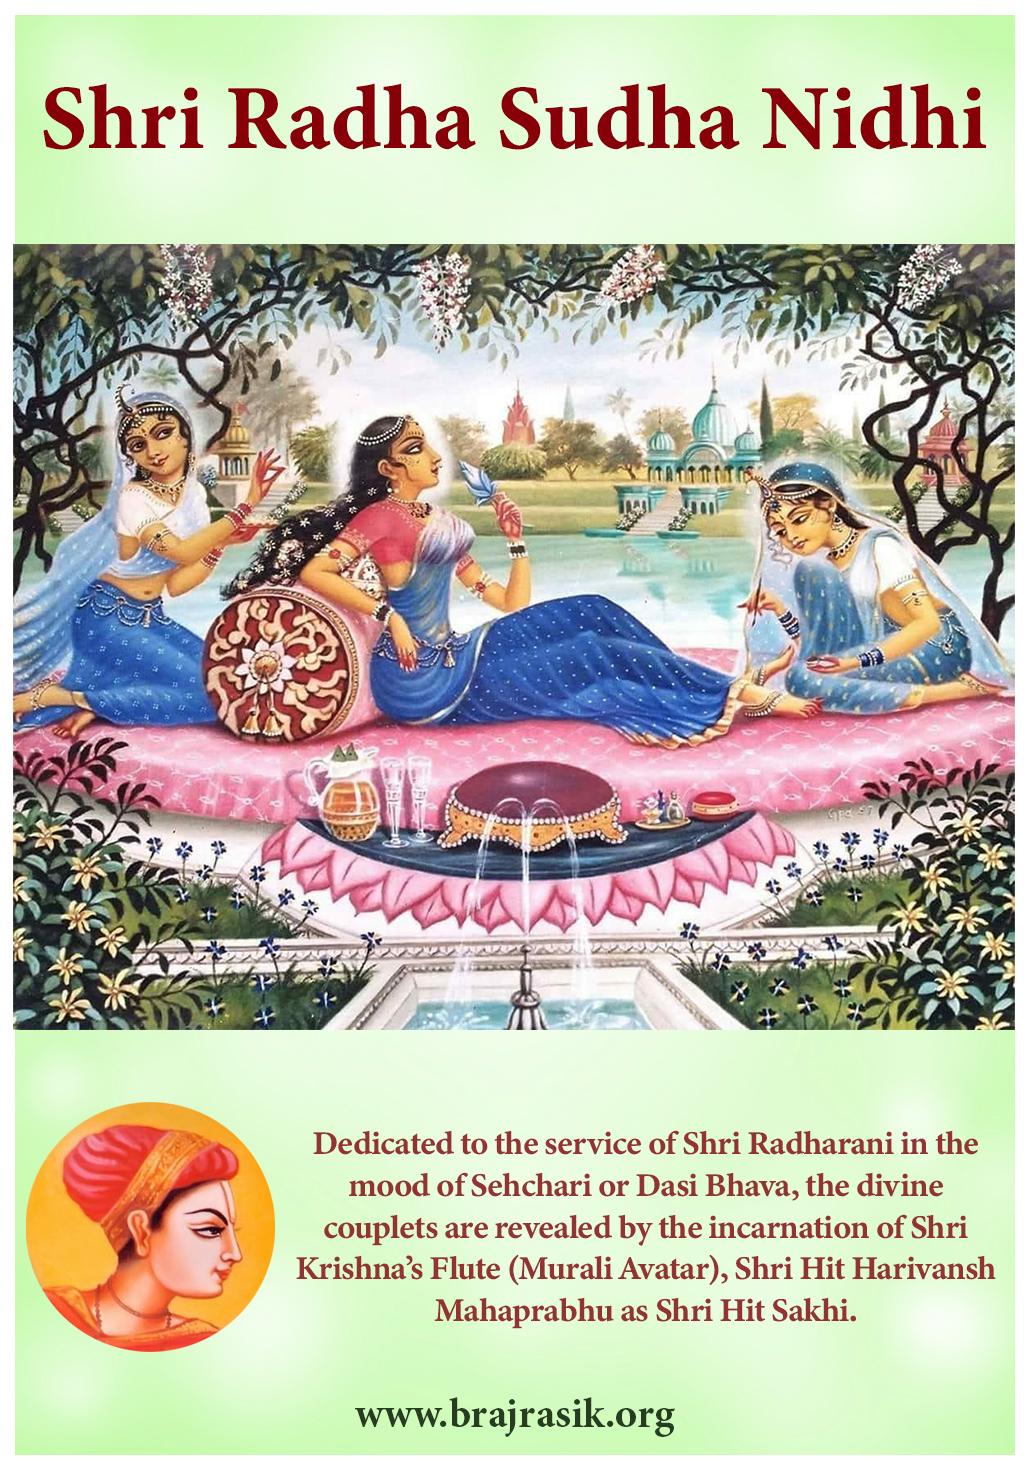 Radha Sudha Nidhi